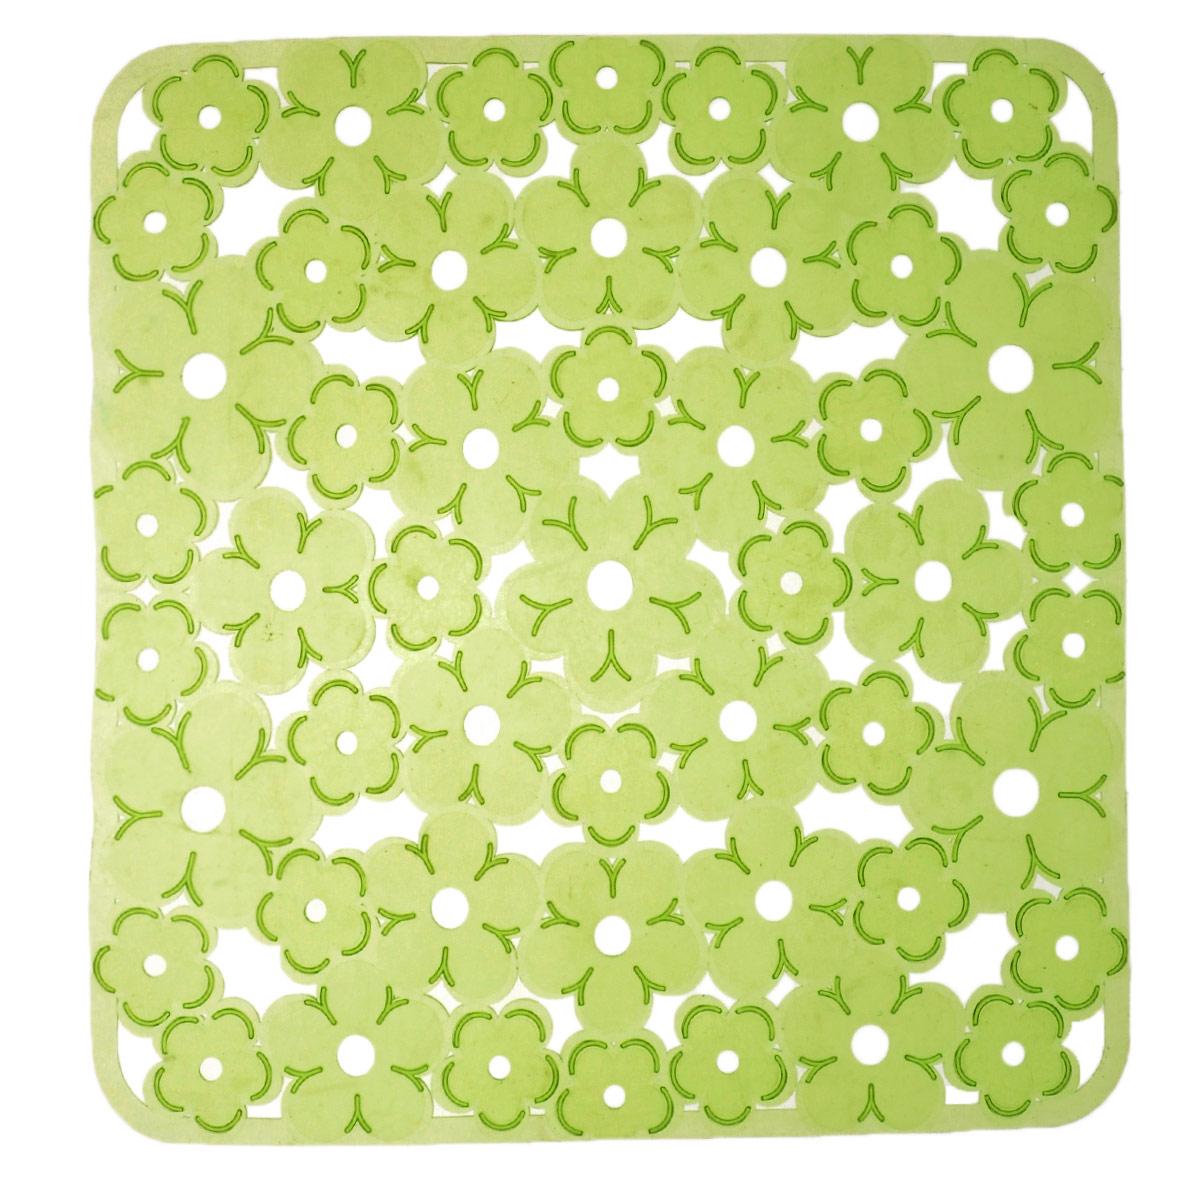 Коврик для раковины Metaltex, цвет: салатовый, 32 х 32 см54 009312Коврик для раковины Metaltex изготовлен из ПВХ с цветочным рисунком. Коврик имеет квадратную форму, поэтому прекрасно подойдет для любых раковин. Такой коврик защитит вашу посуду во время мытья, а также предотвратит засор труб, задерживая остатки пищи.